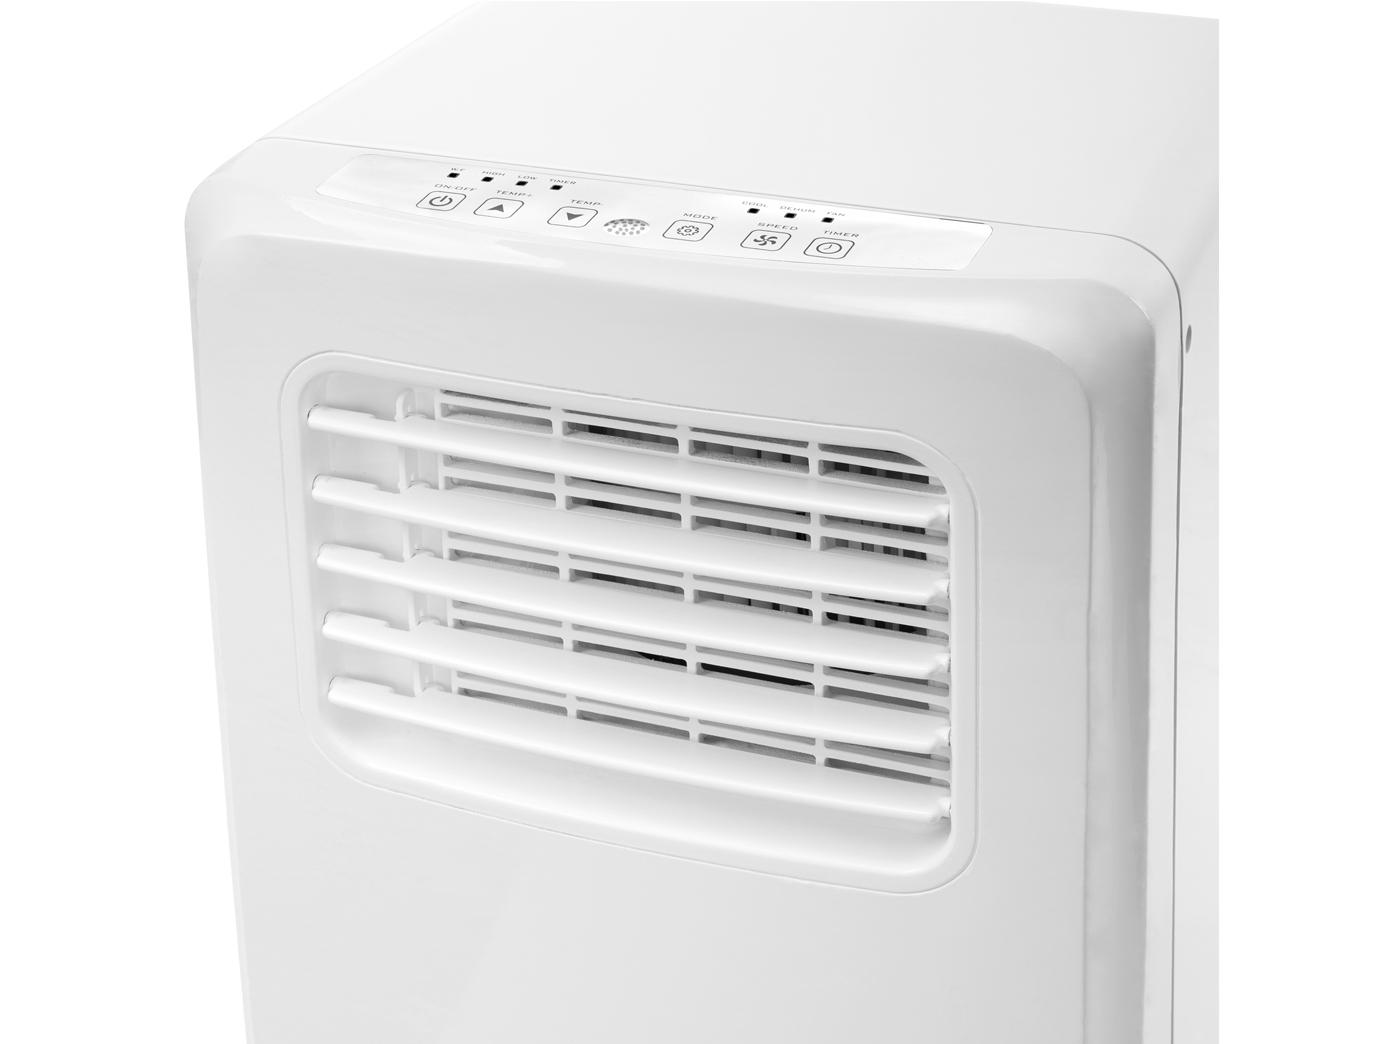 Lokales Klimagerät 3 Betriebsarten Eek A 2 05 Kw Mobile